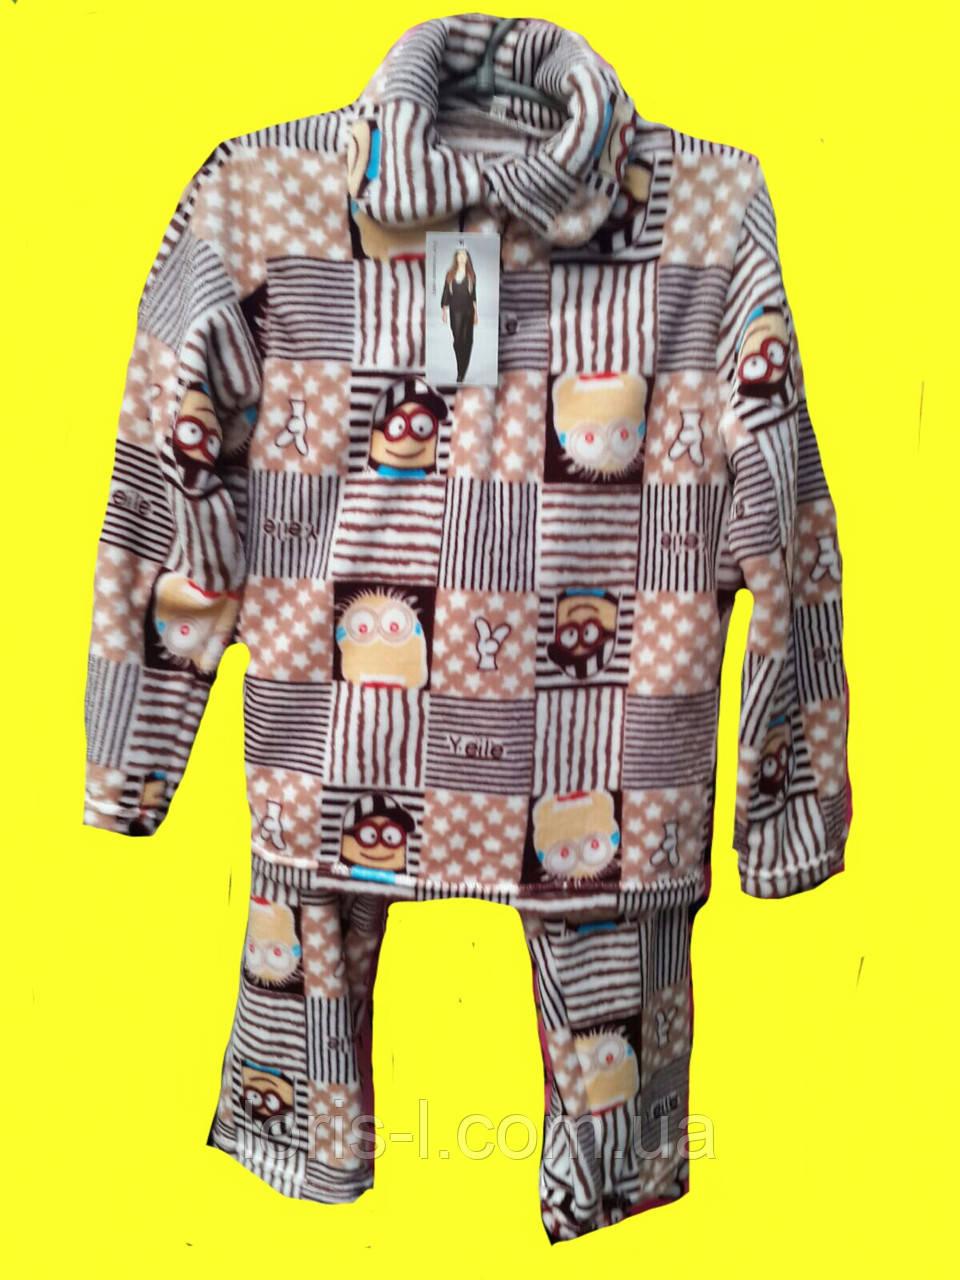 0f5668ad4fba4 Пижамы махровые для подростков - Интернет-магазин одежды для Всей семьи